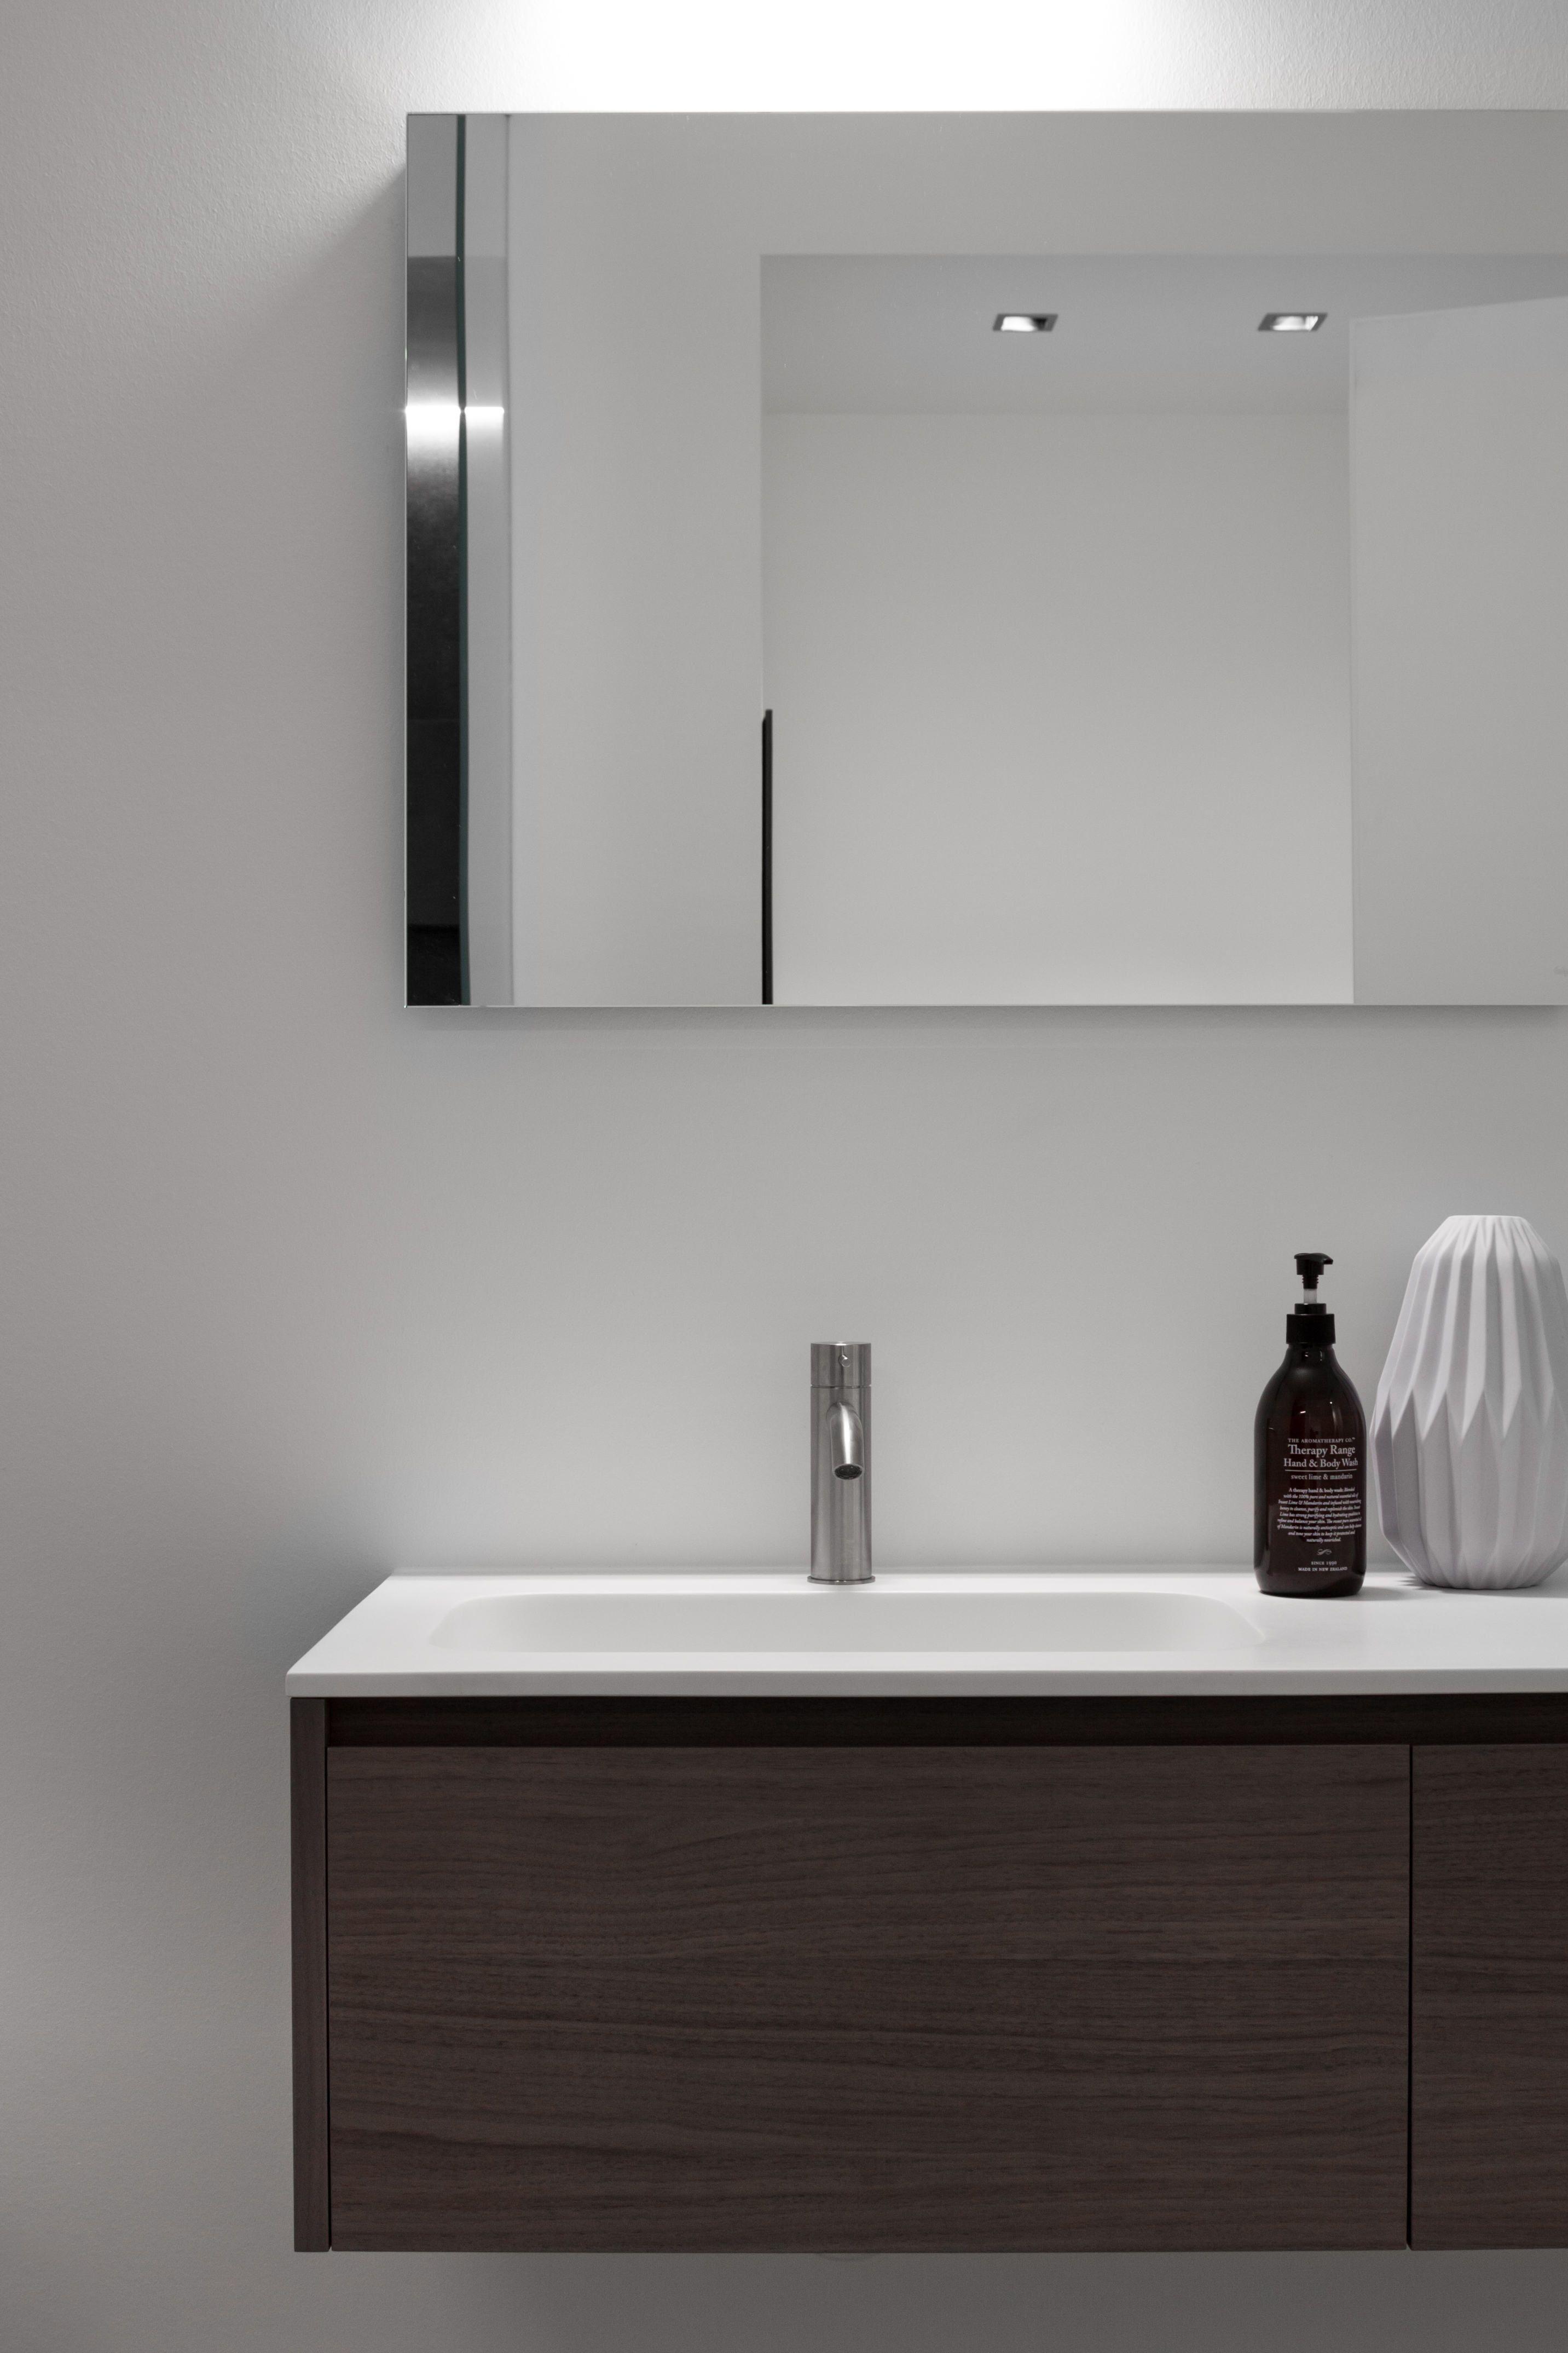 Minimalist bathroom / Furniture & wash basin by Falper / tab by CEA Design